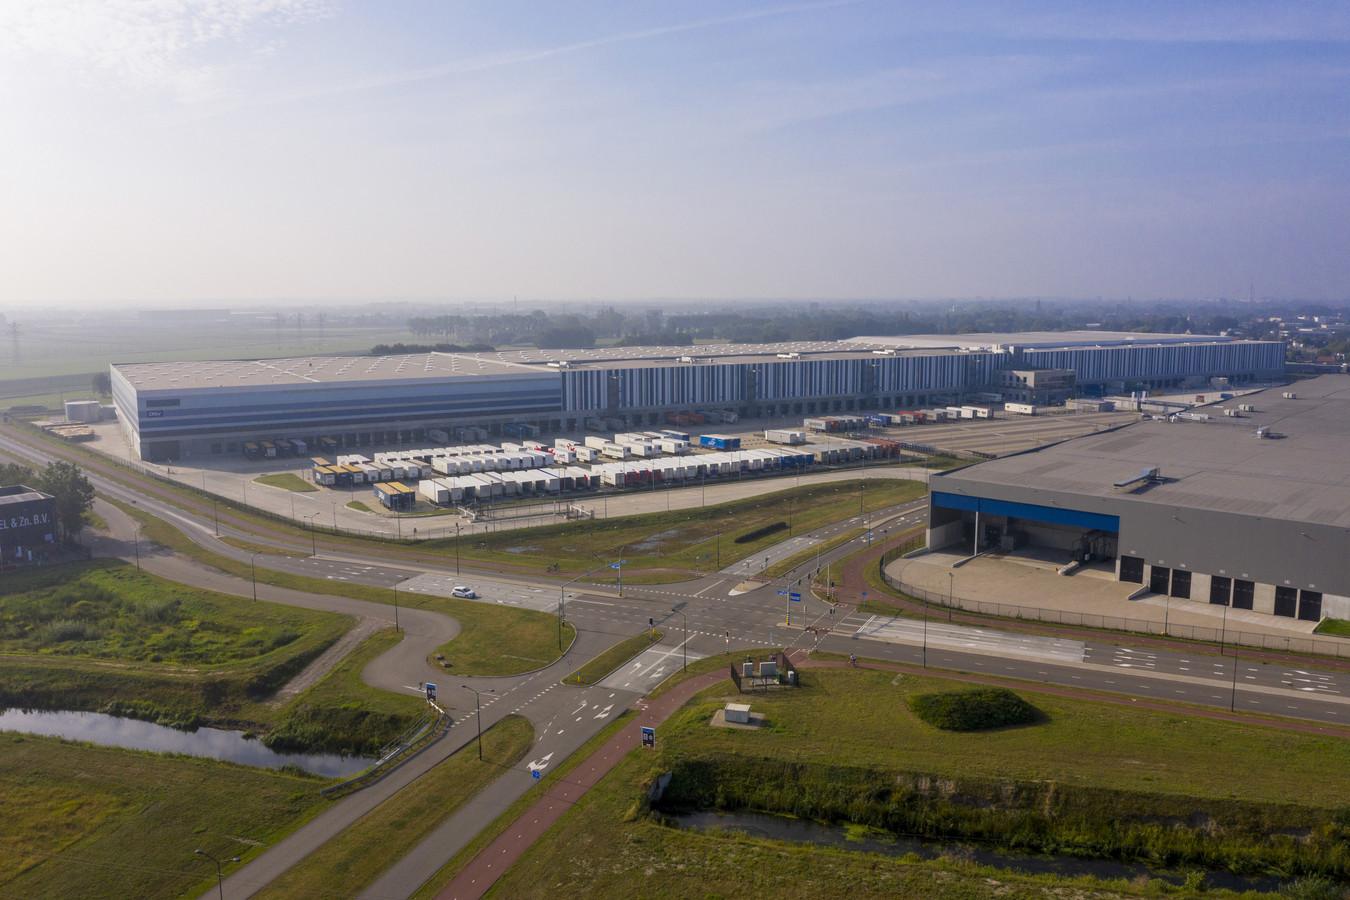 Het distributiecentrum van Primark op Borchwerf. Rechts het Europese distributiecentrum van Lidl.